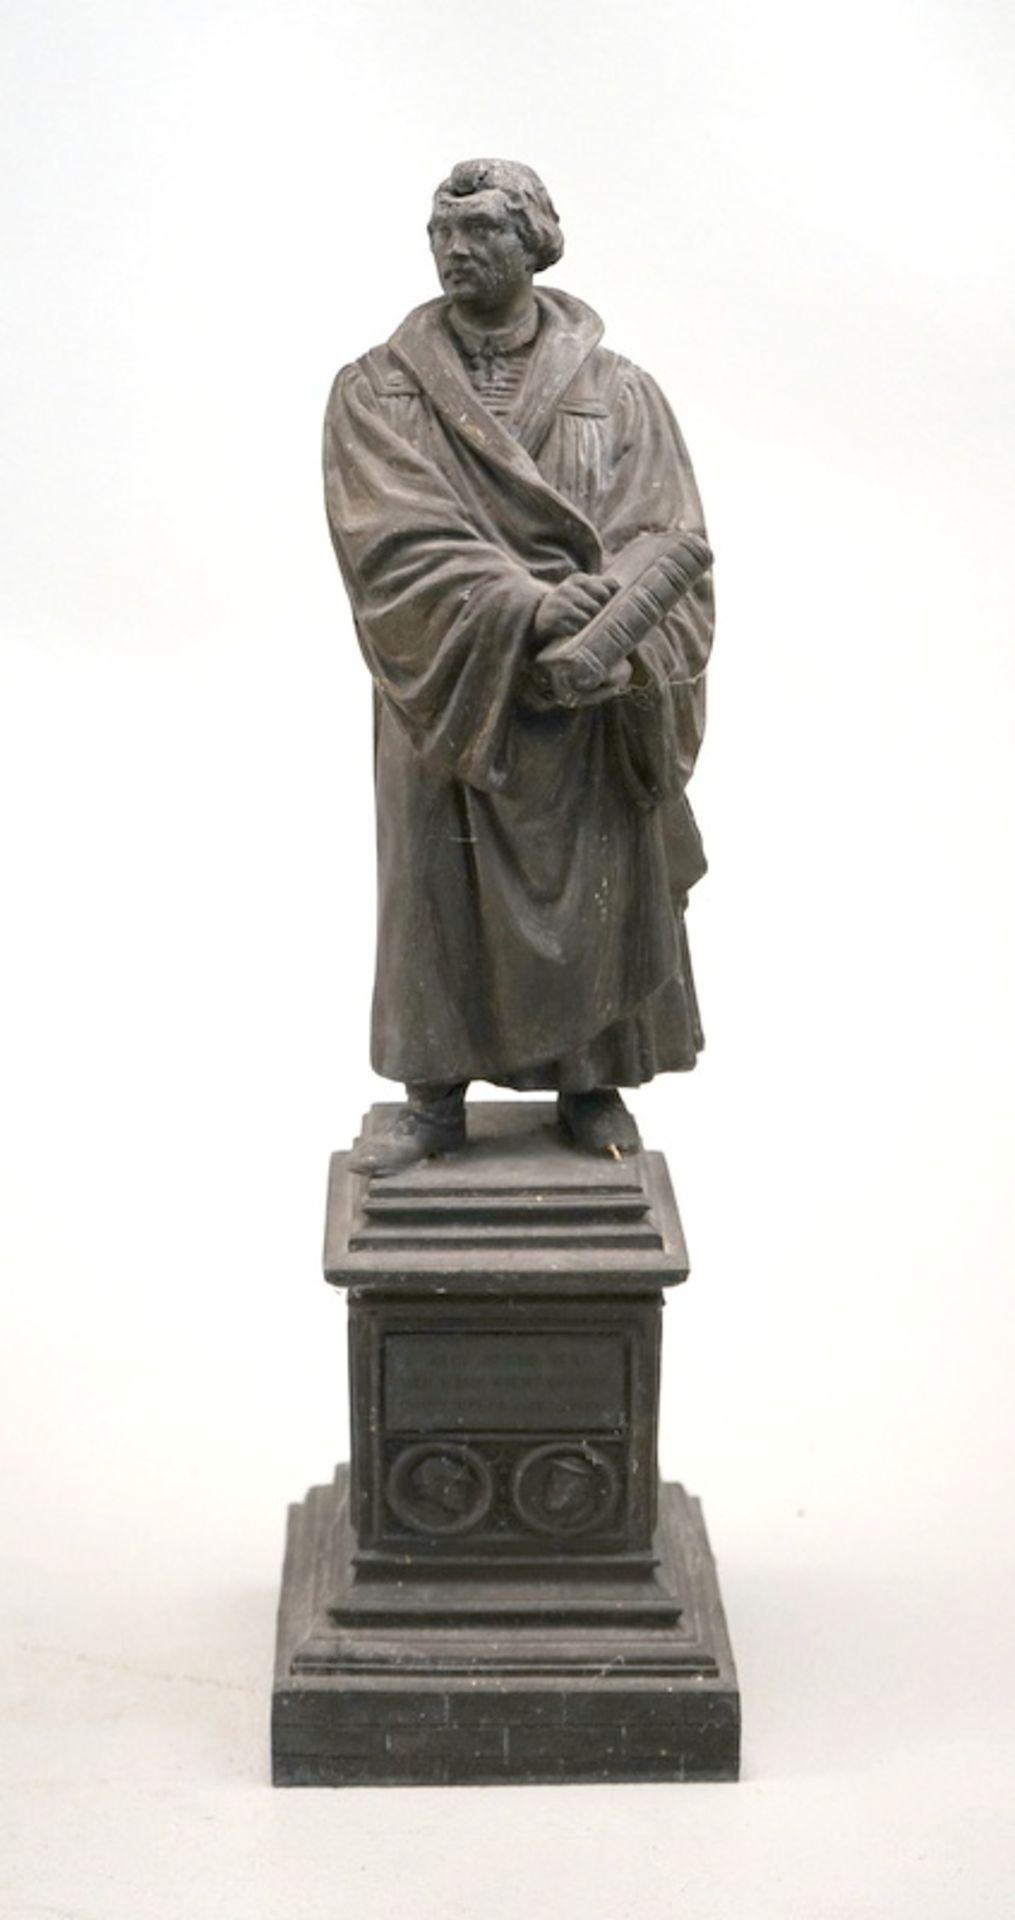 Martin Luther Skulptur nach dem Denkmal von E. Rietschel in Worms